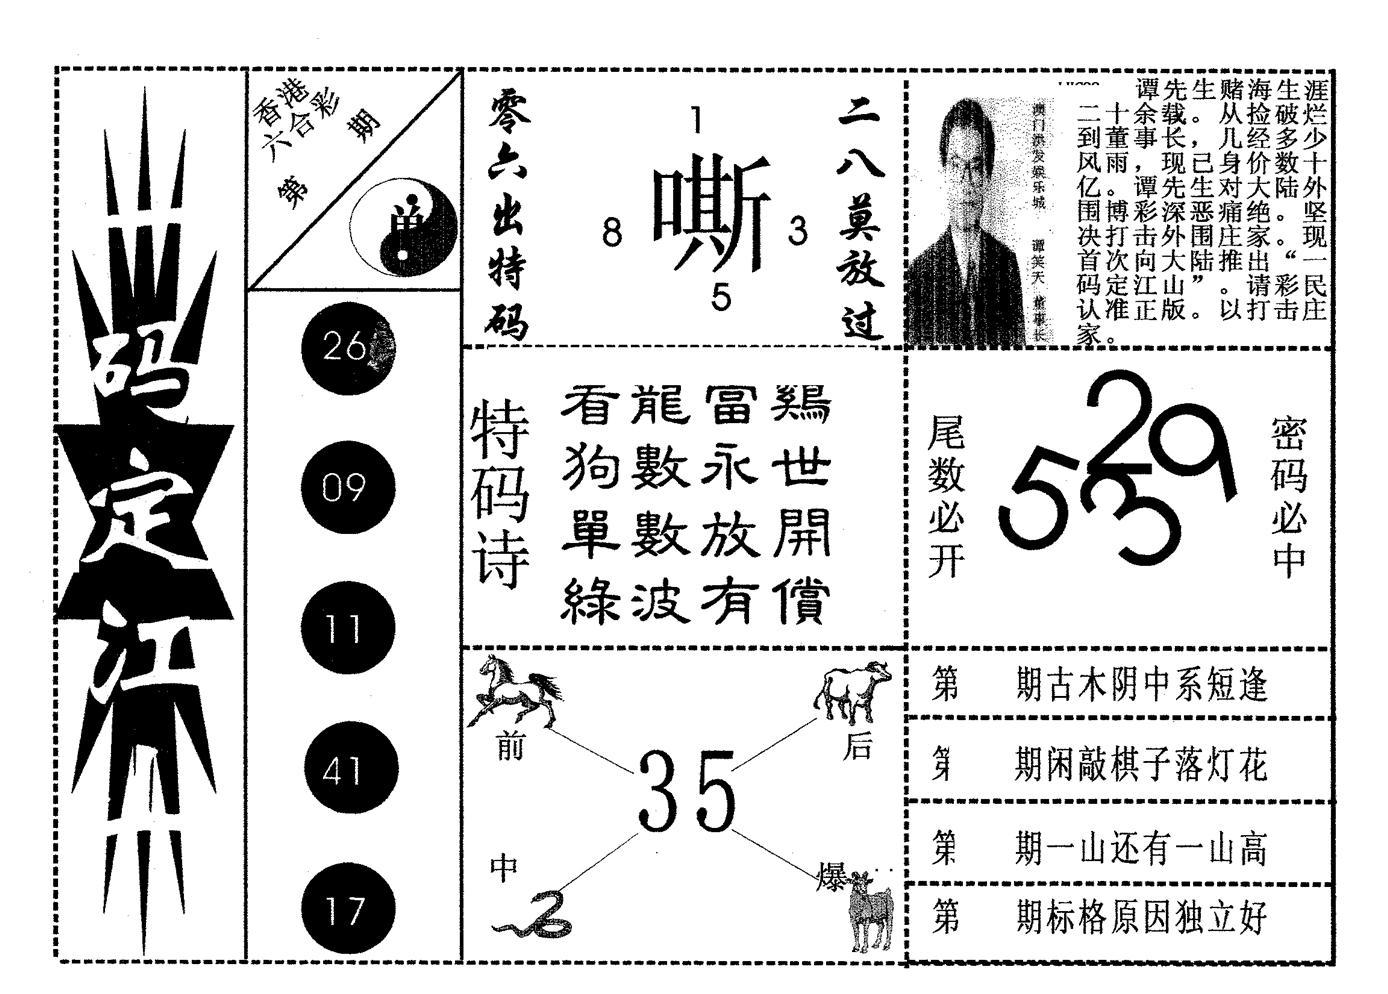 068期一码定江山(黑白)